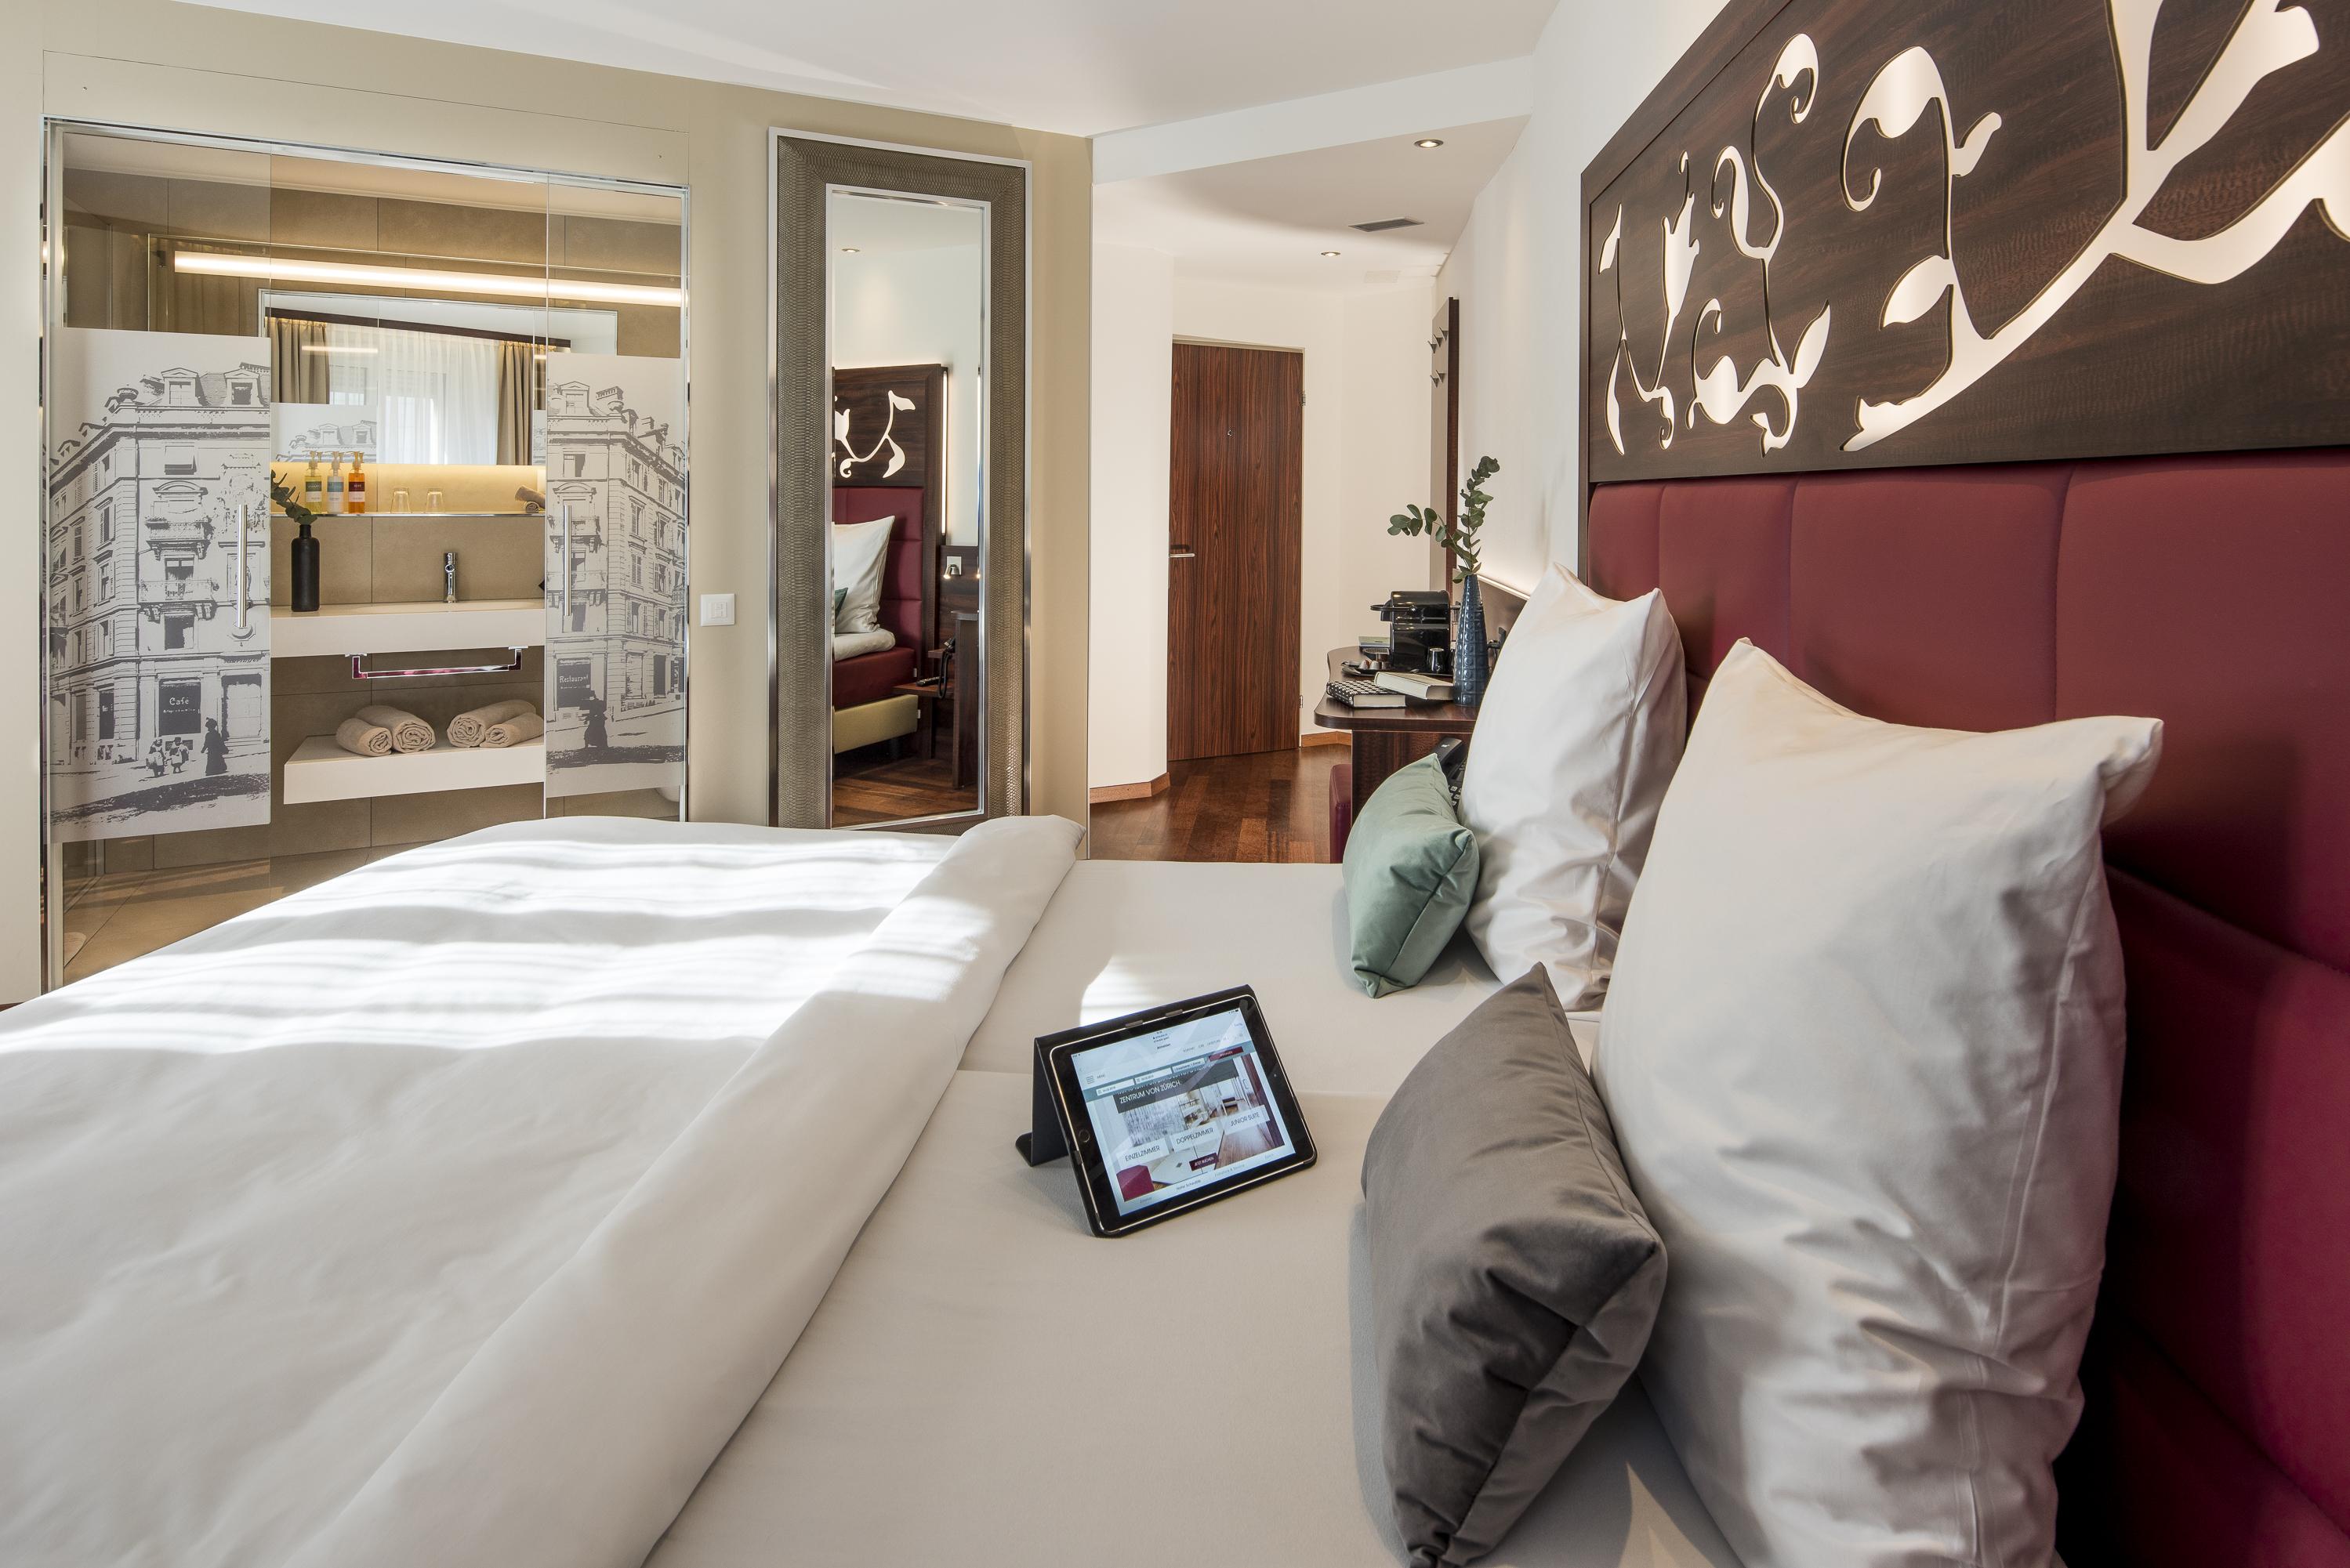 Günstiges Hotelzimmer buchen bei Scheuble